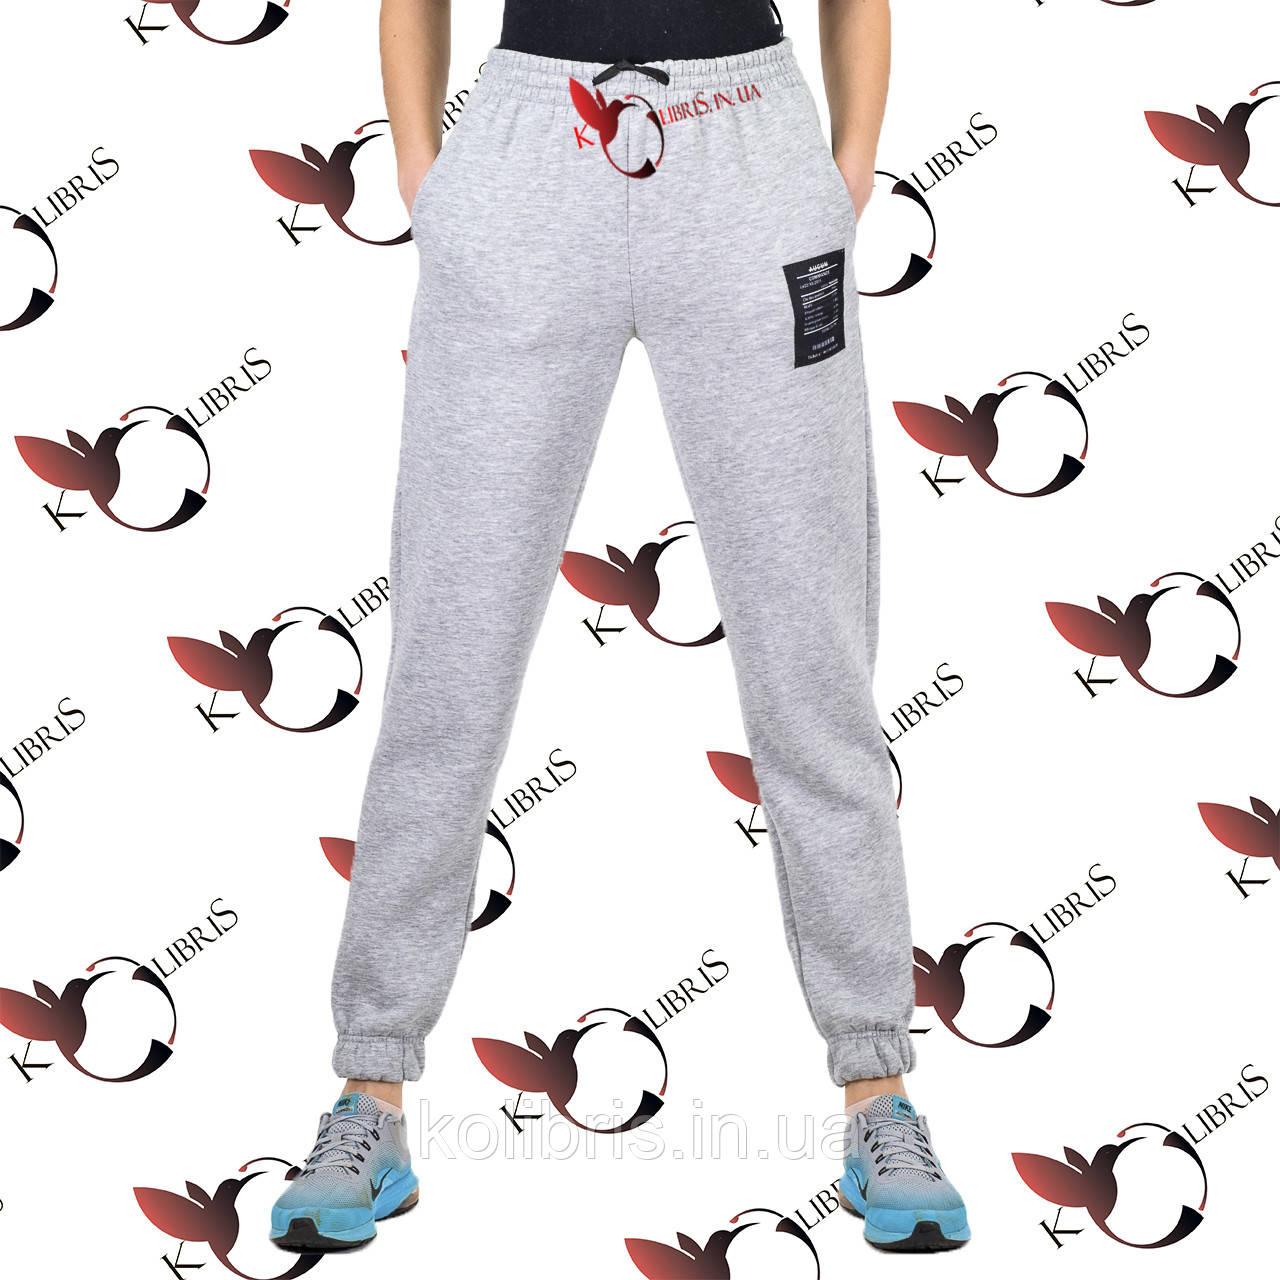 Женские утепленные спортивные штанишки трехнитка с начесом цвет светло-серый